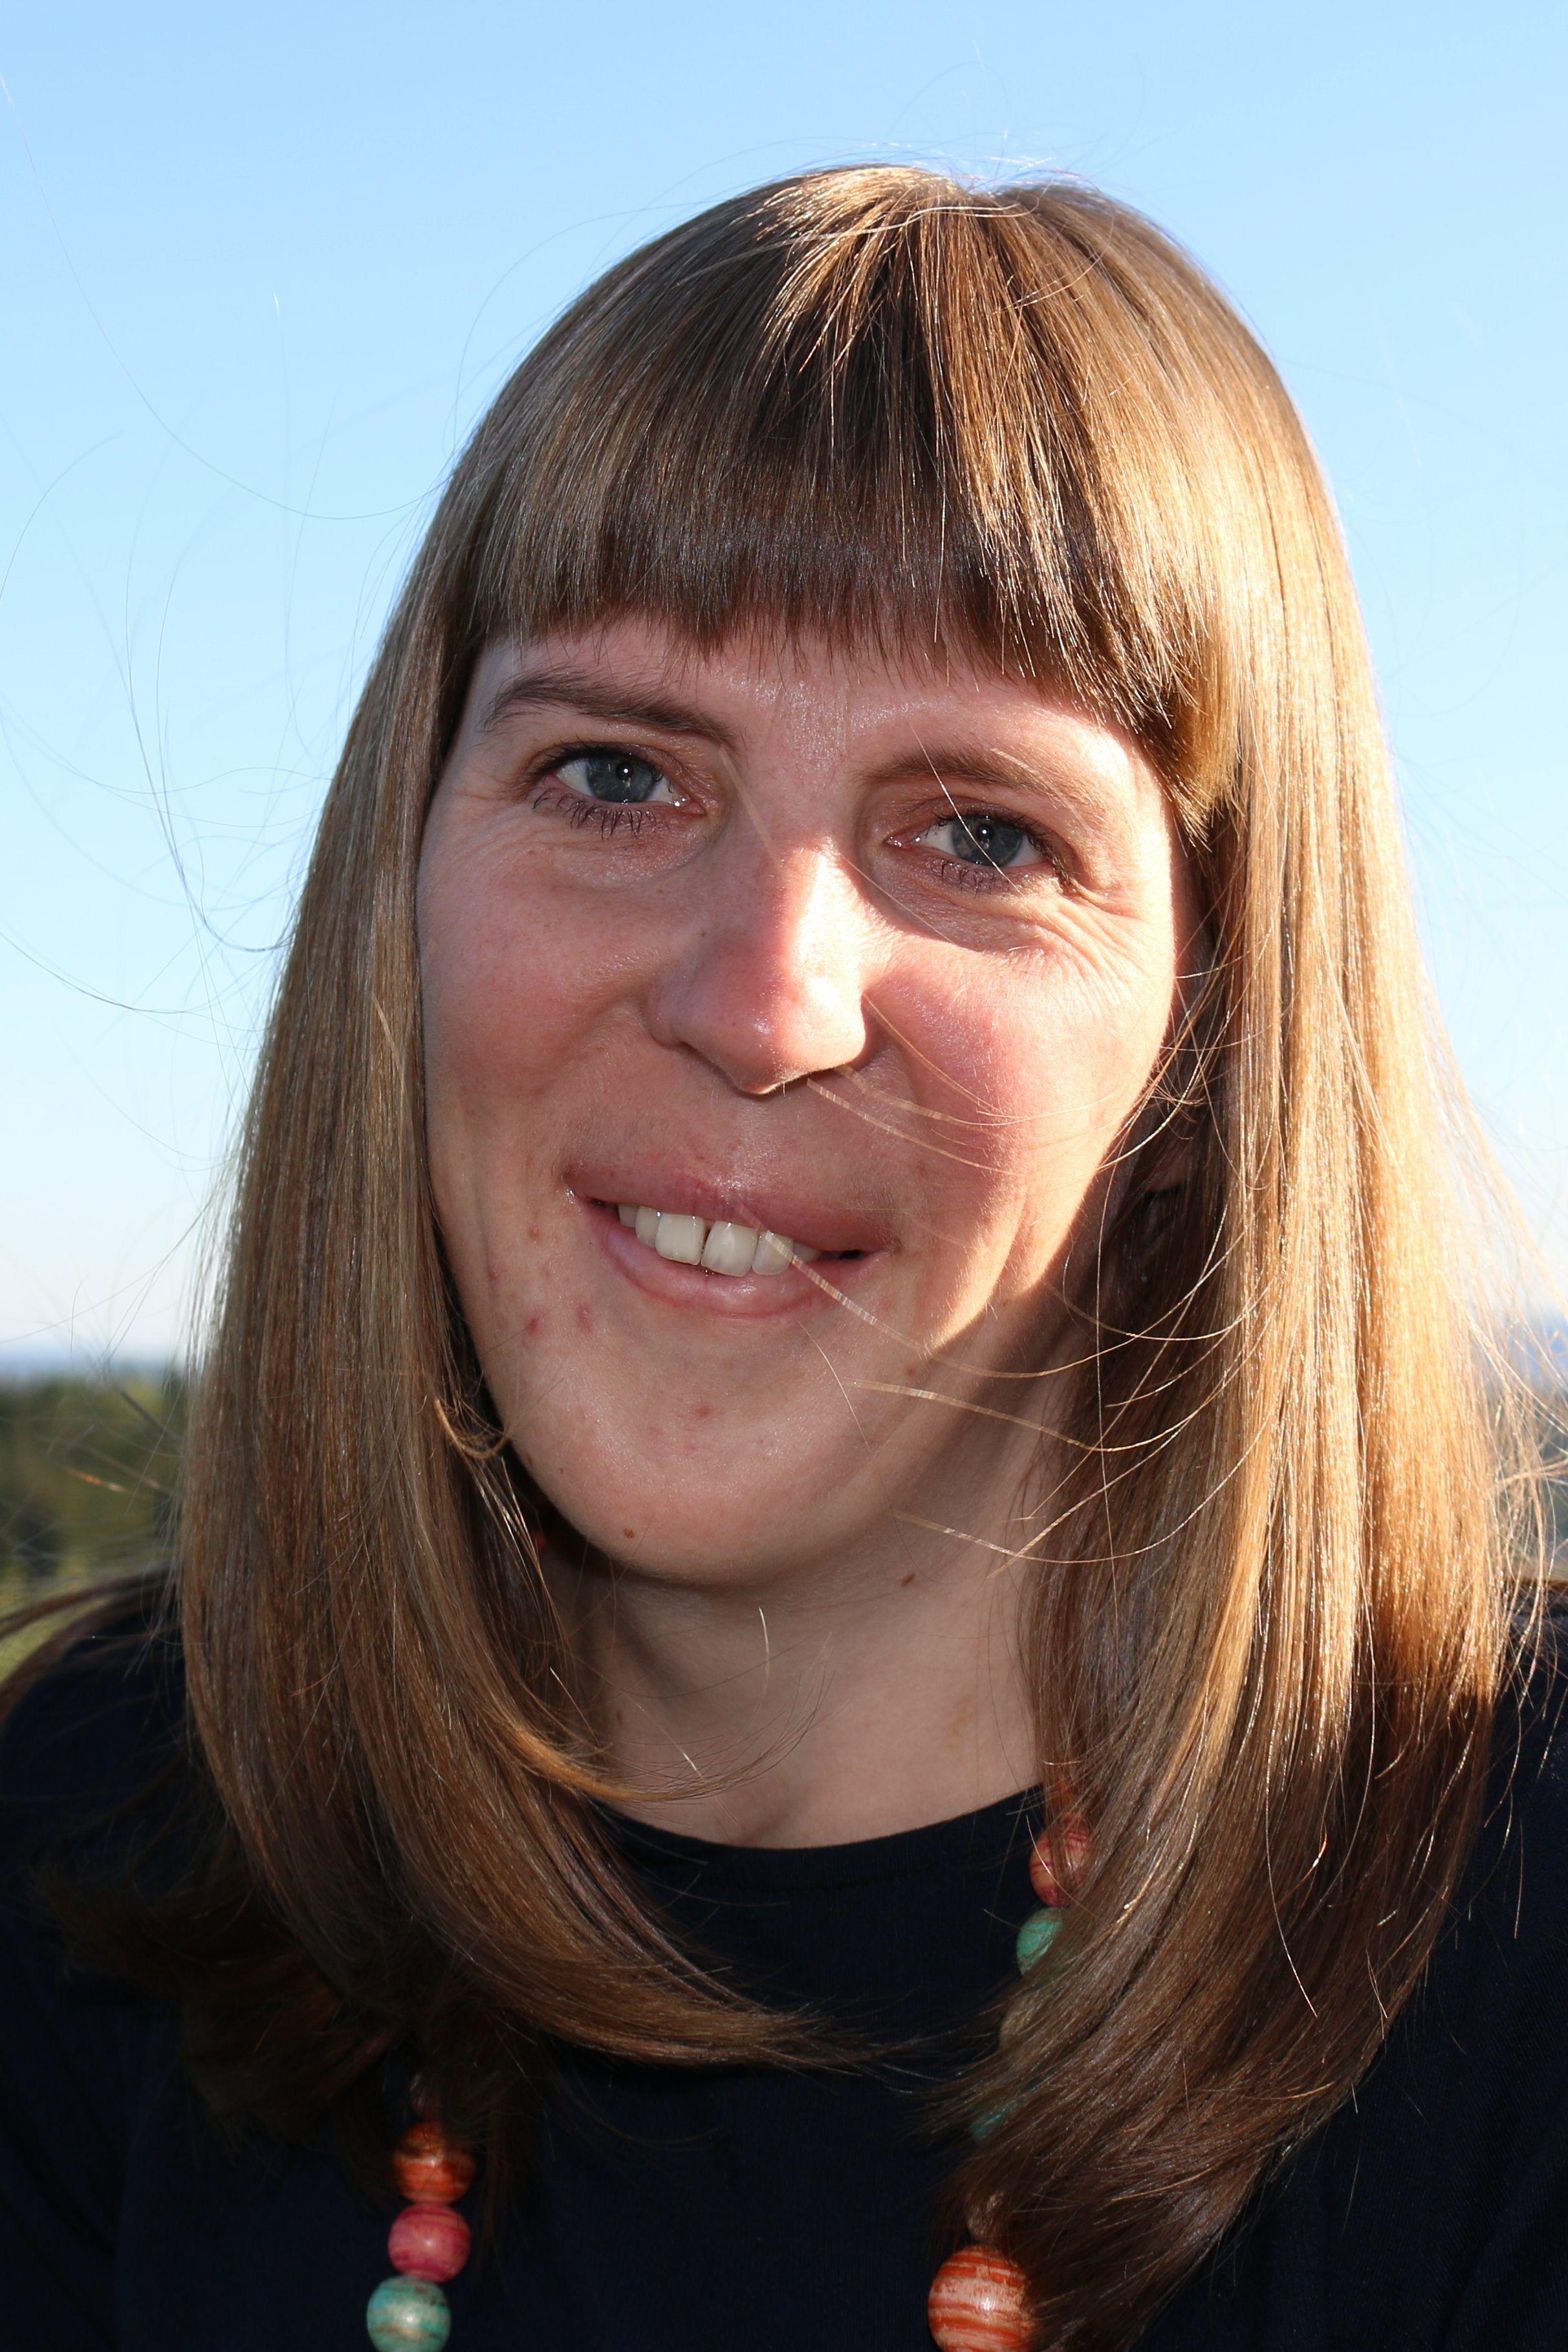 Forskningssjef Ingeborg Palm Helland ved Norsk institutt for naturforskning